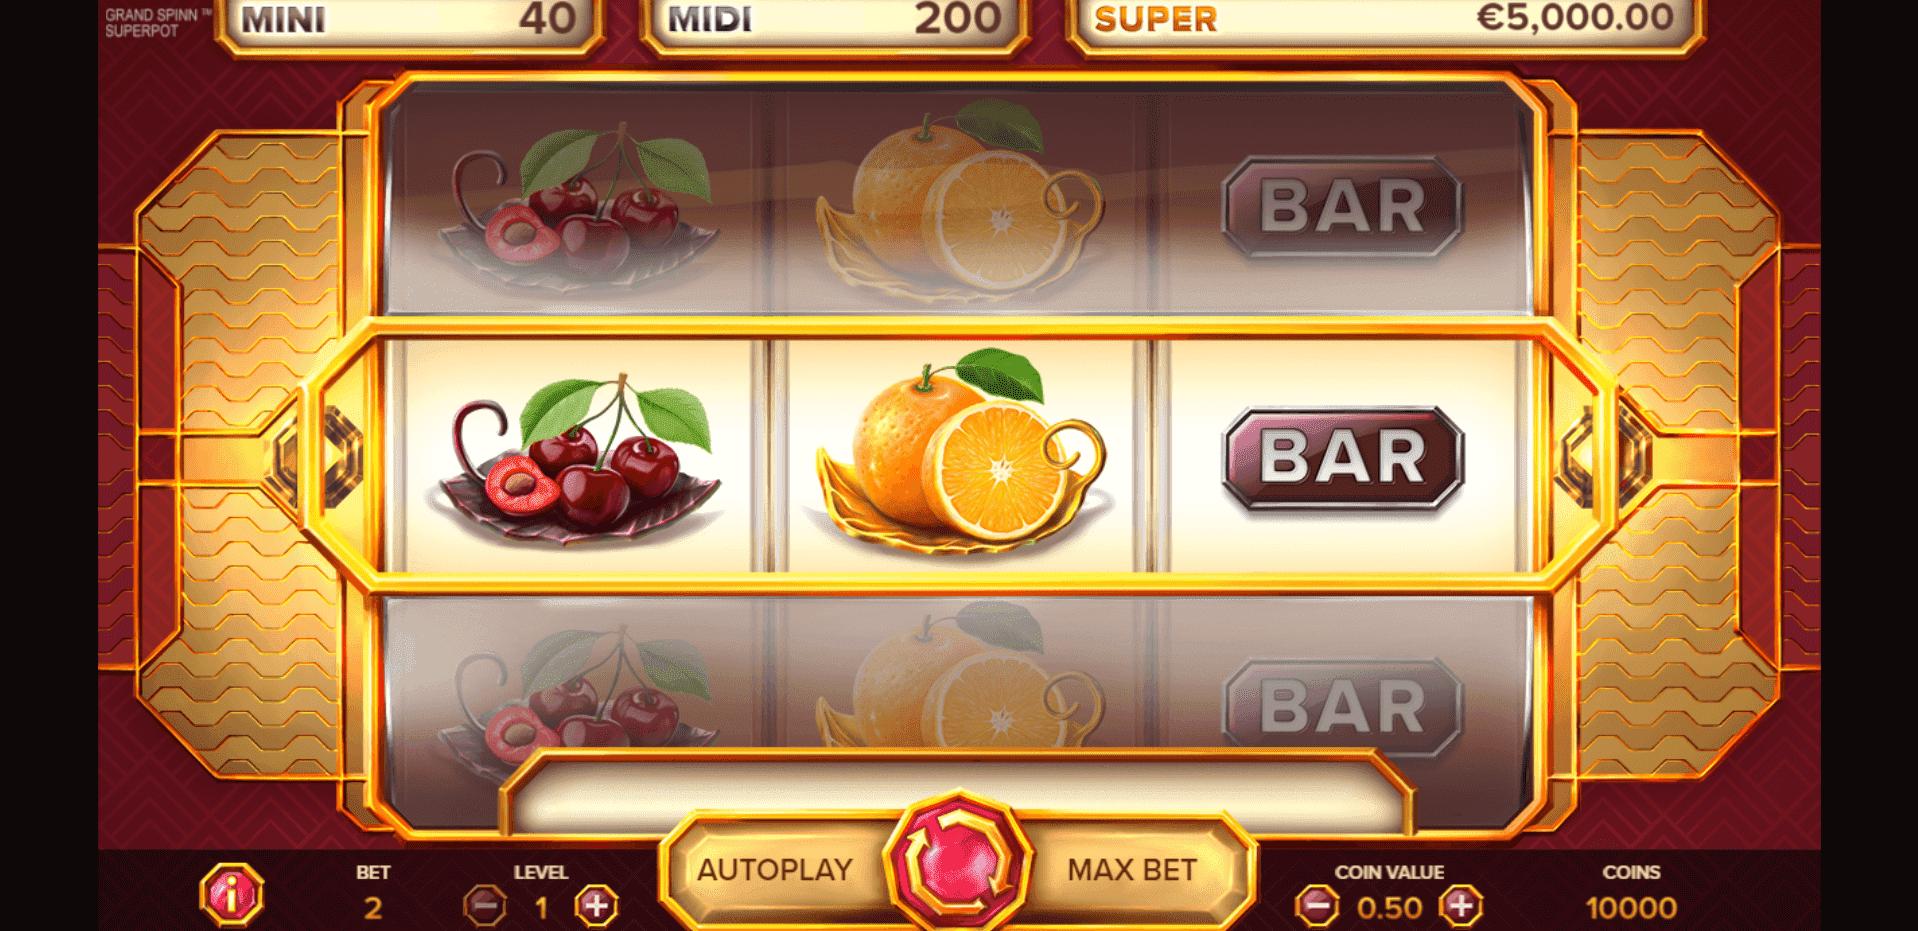 Grand Spinn Superpot slot machine screenshot